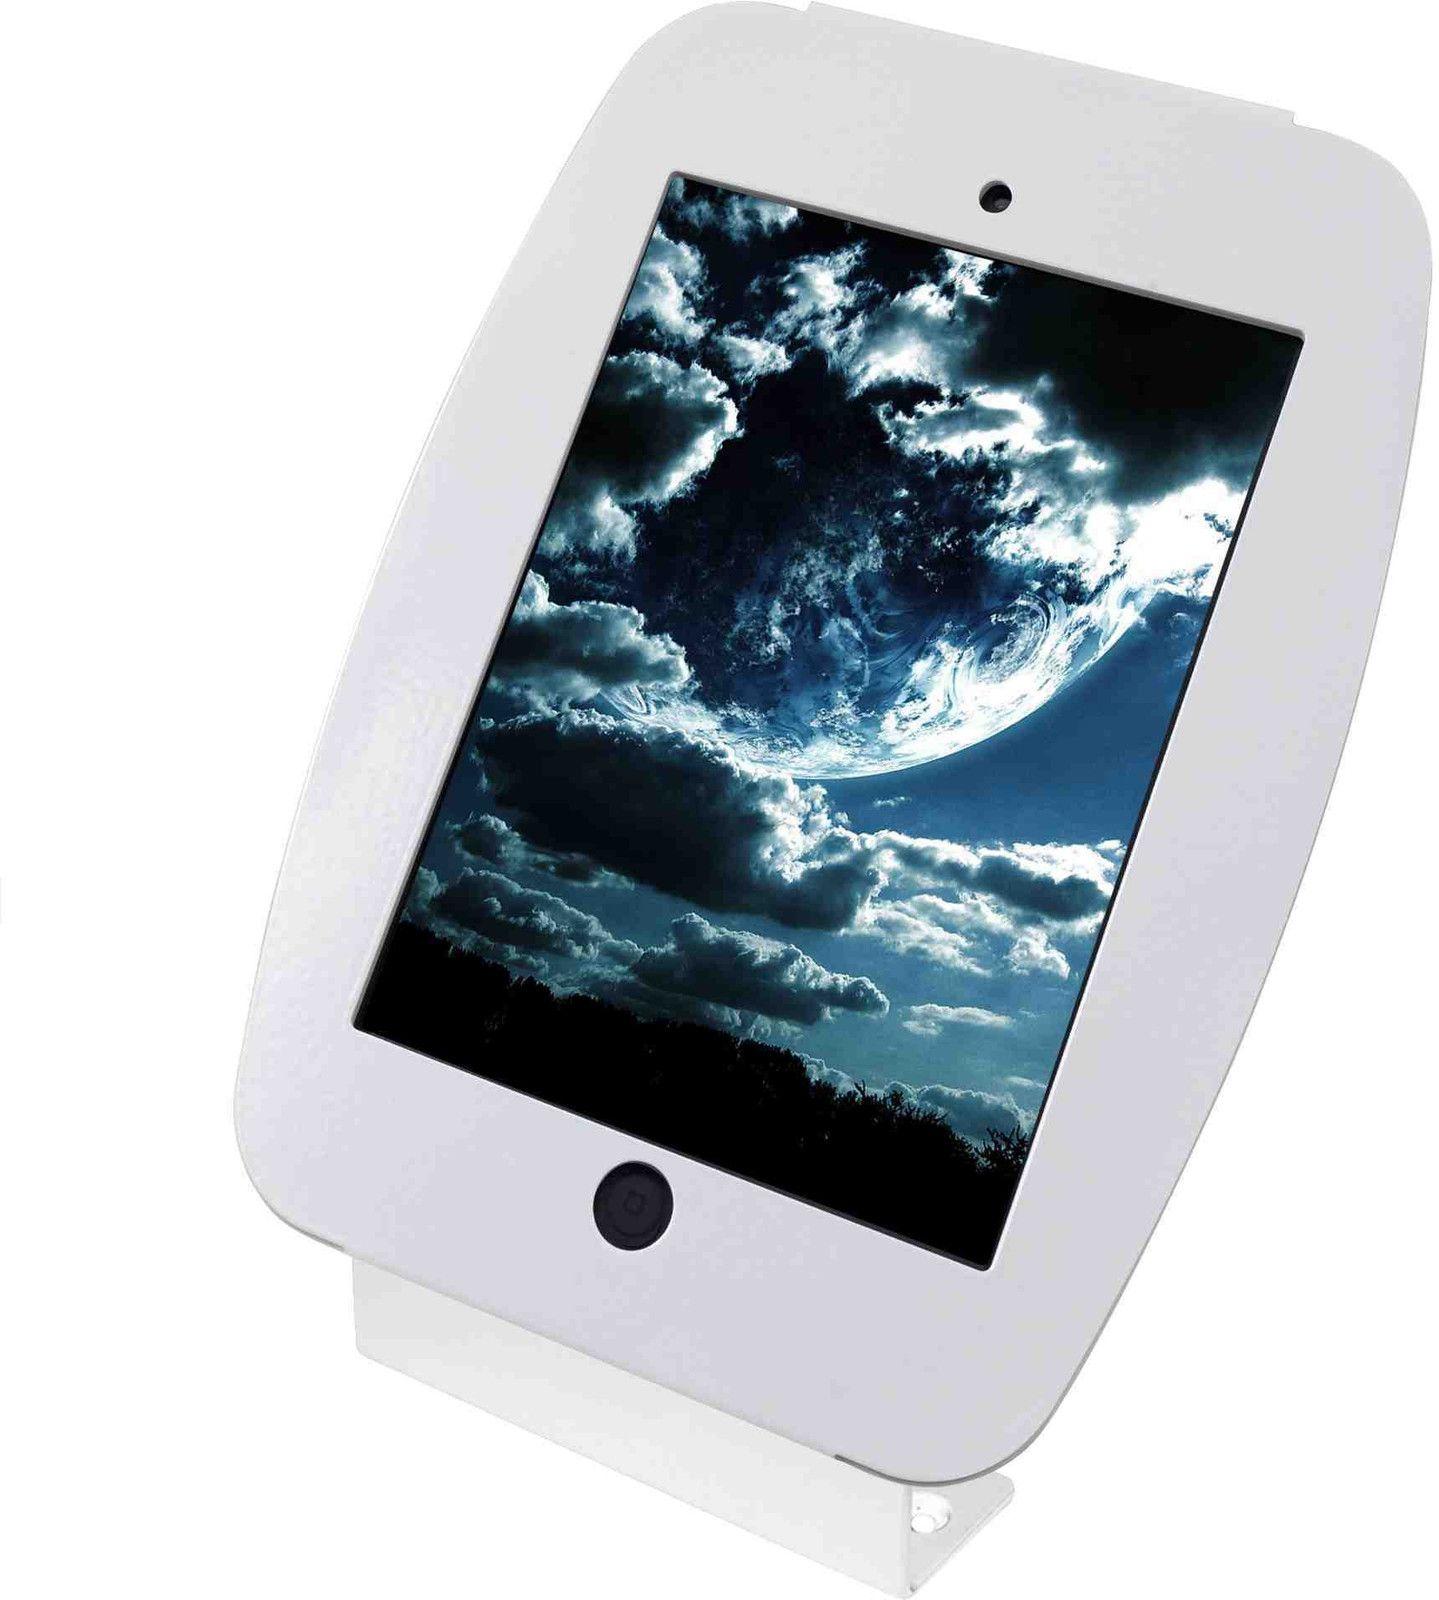 Maclocks Space Mini Enclosure Kiosk (iPad mini)